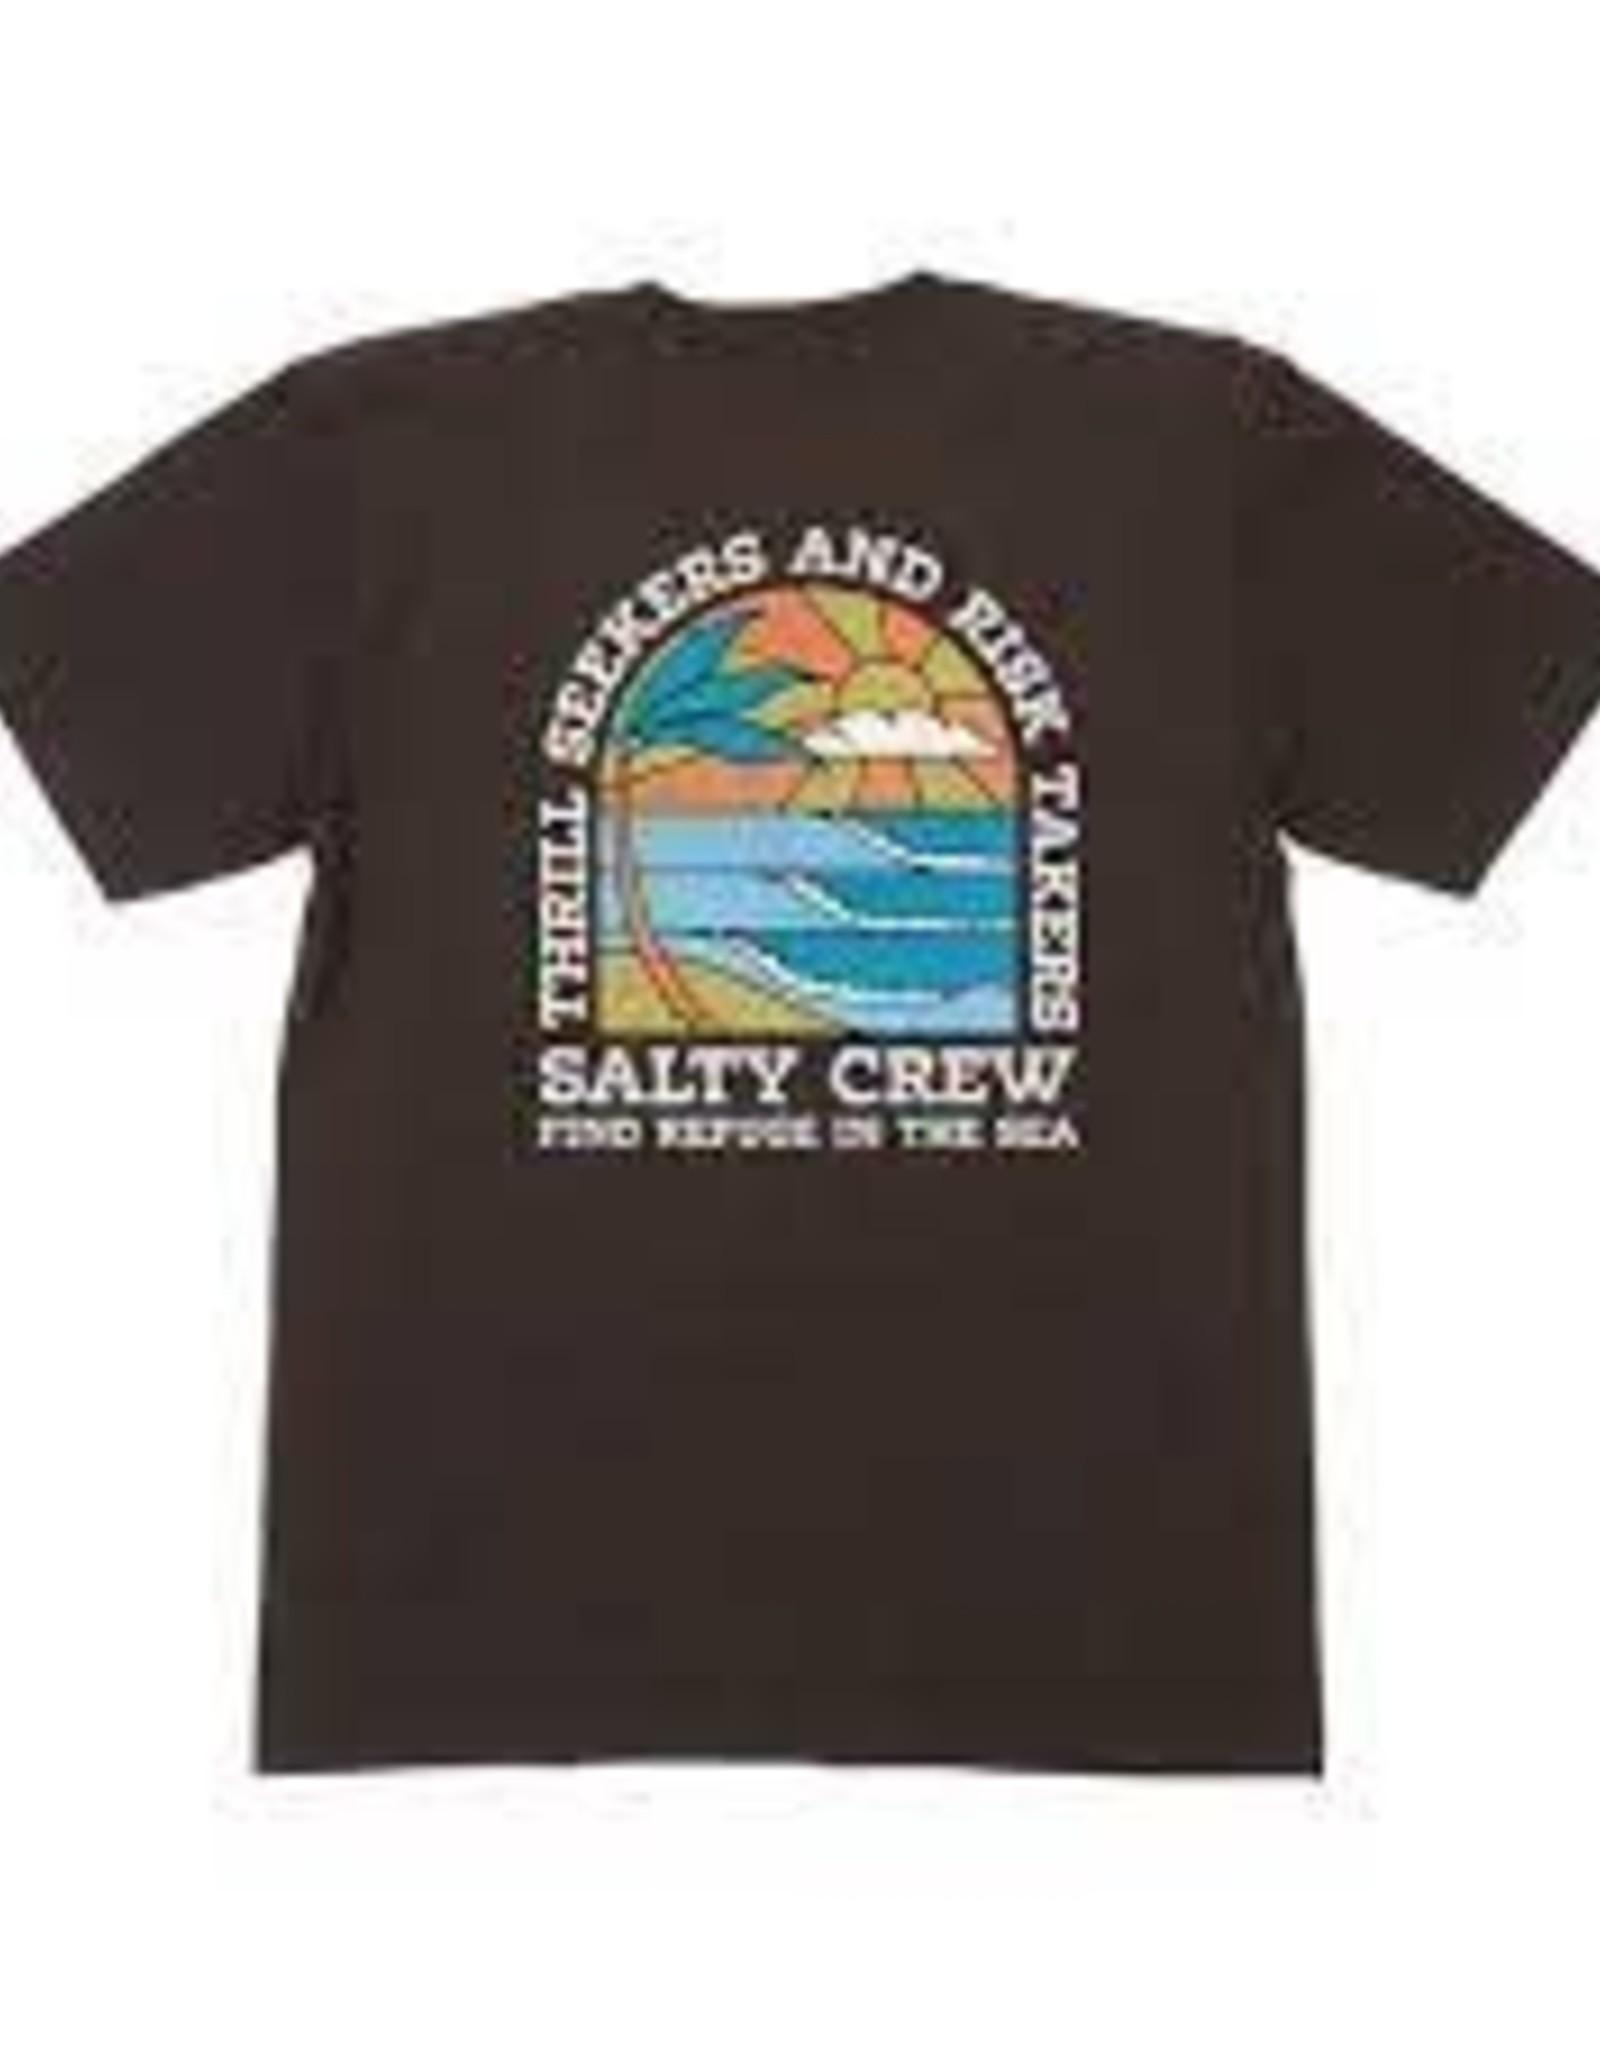 salty crew salty crew paradiso boys s/s